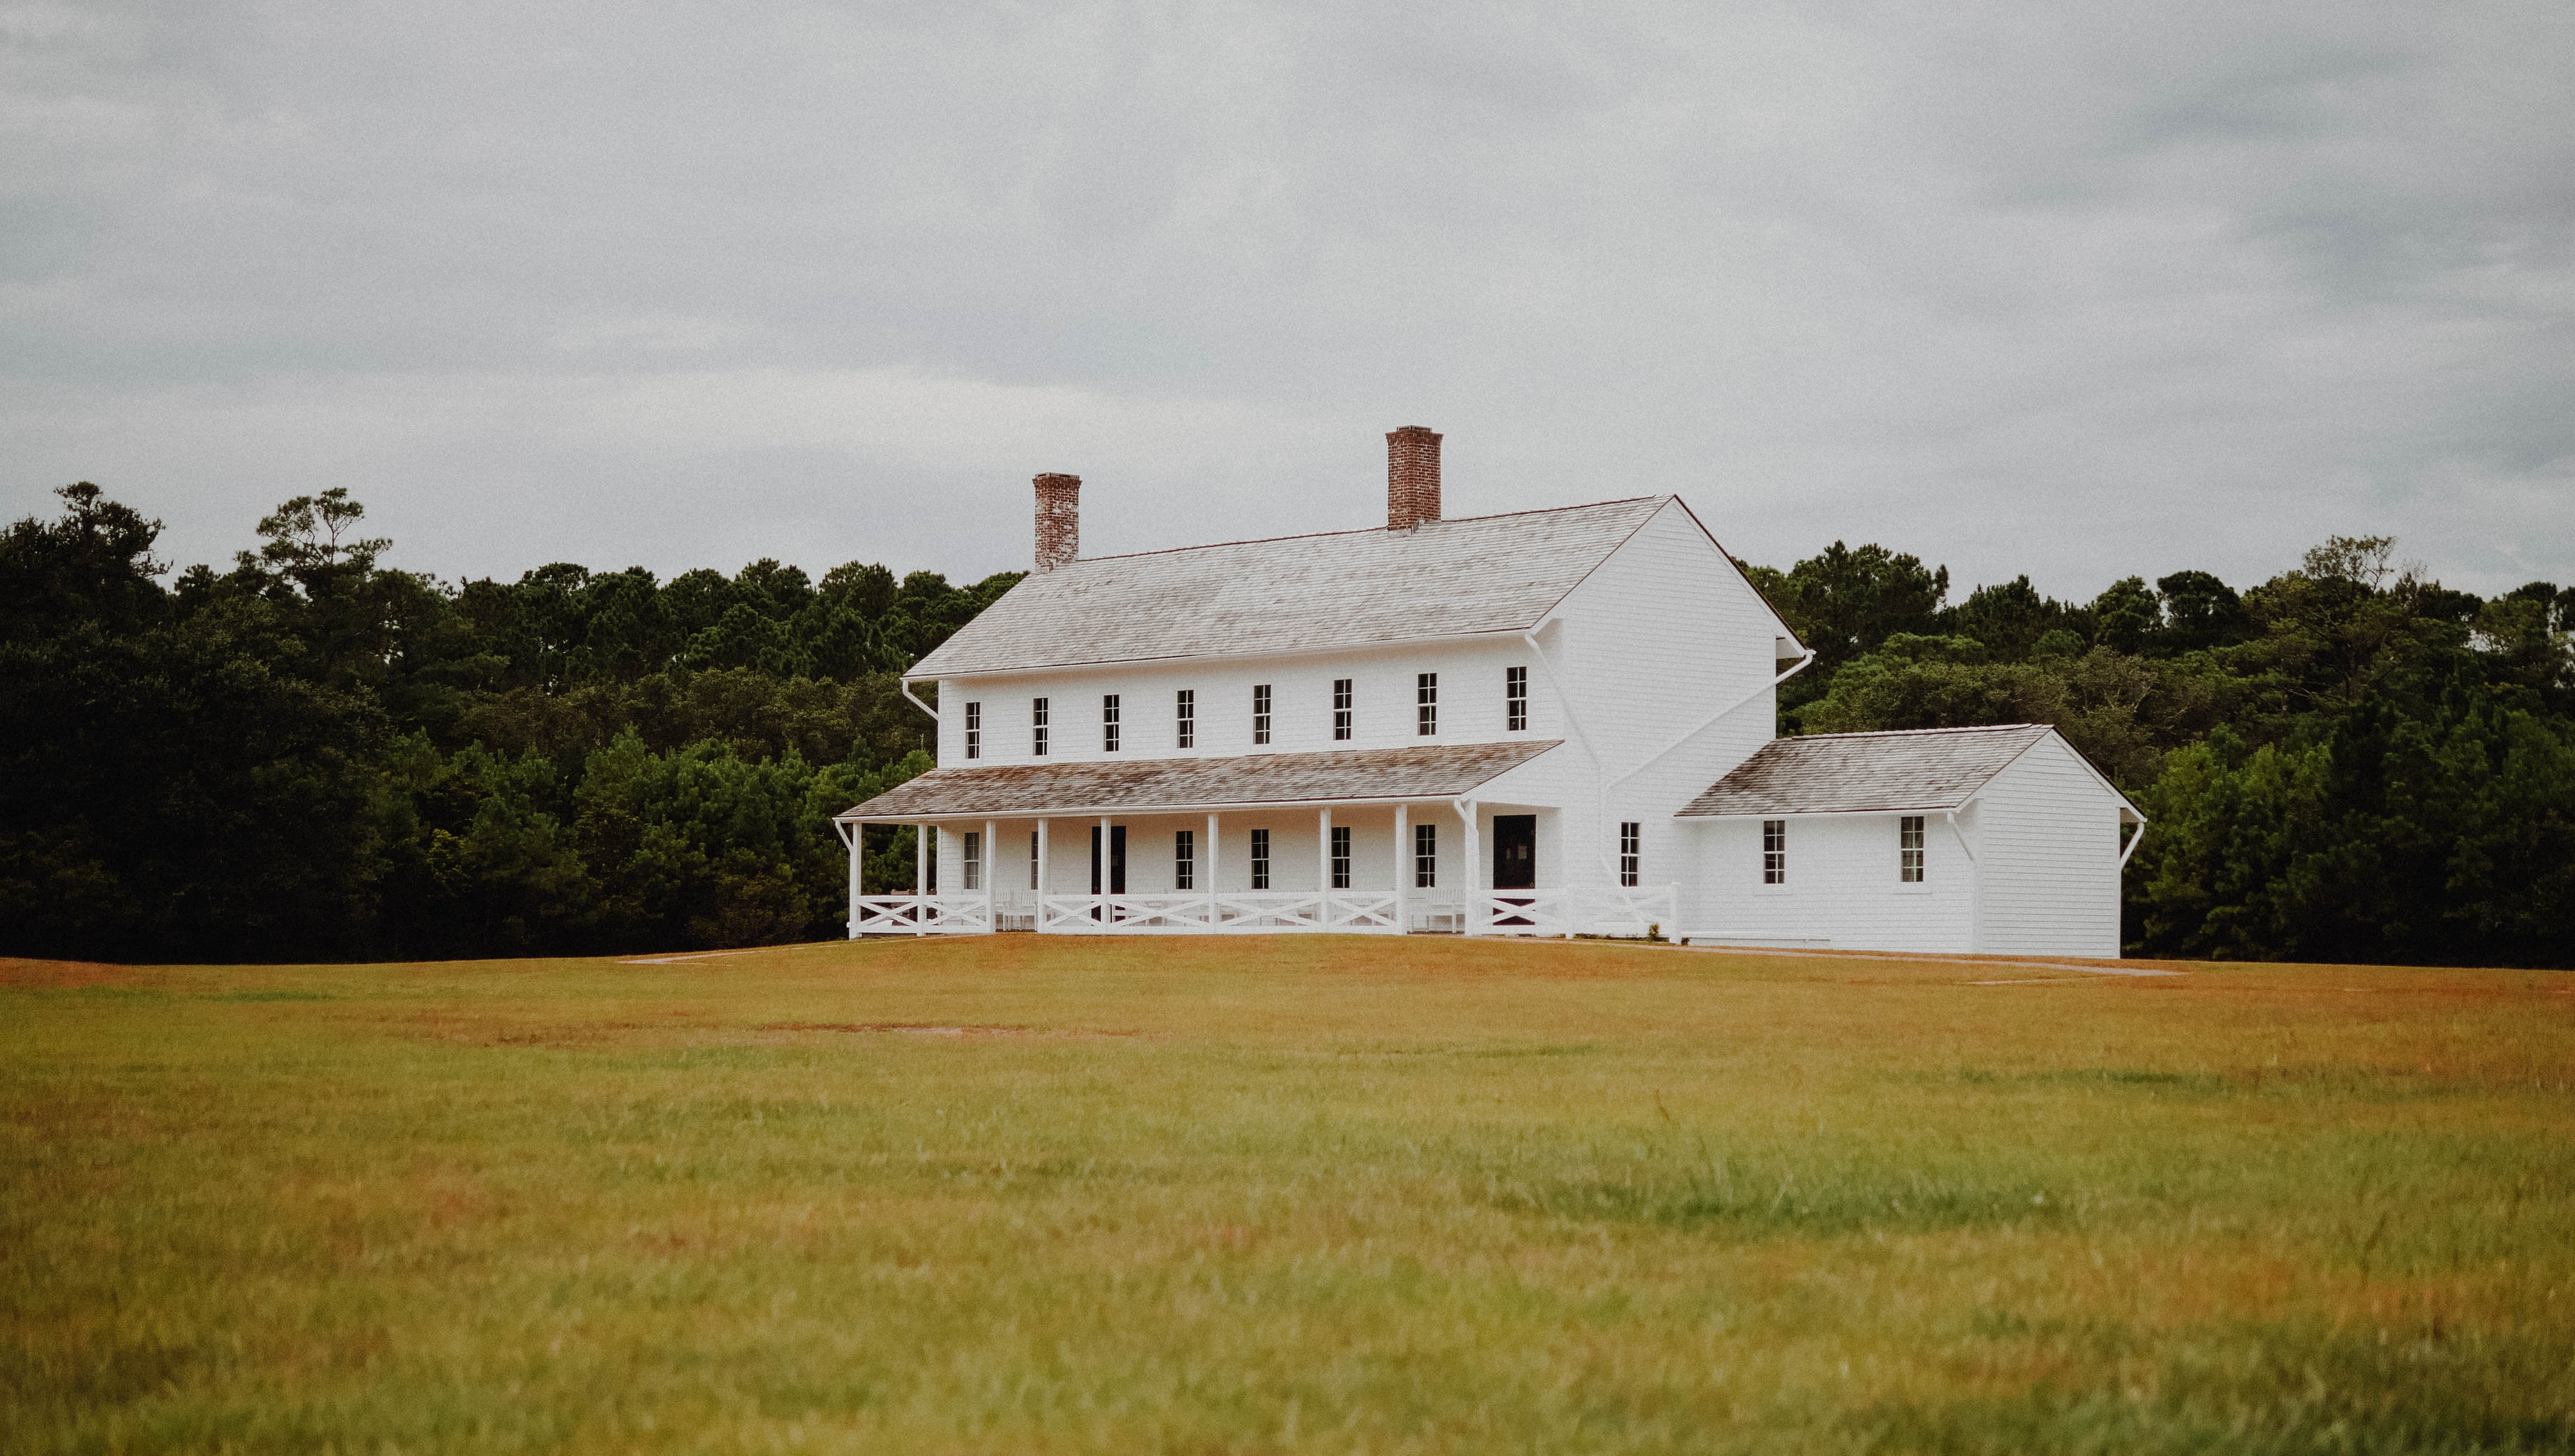 寻找梦想『家』  纽约长岛别墅建筑风格及分布